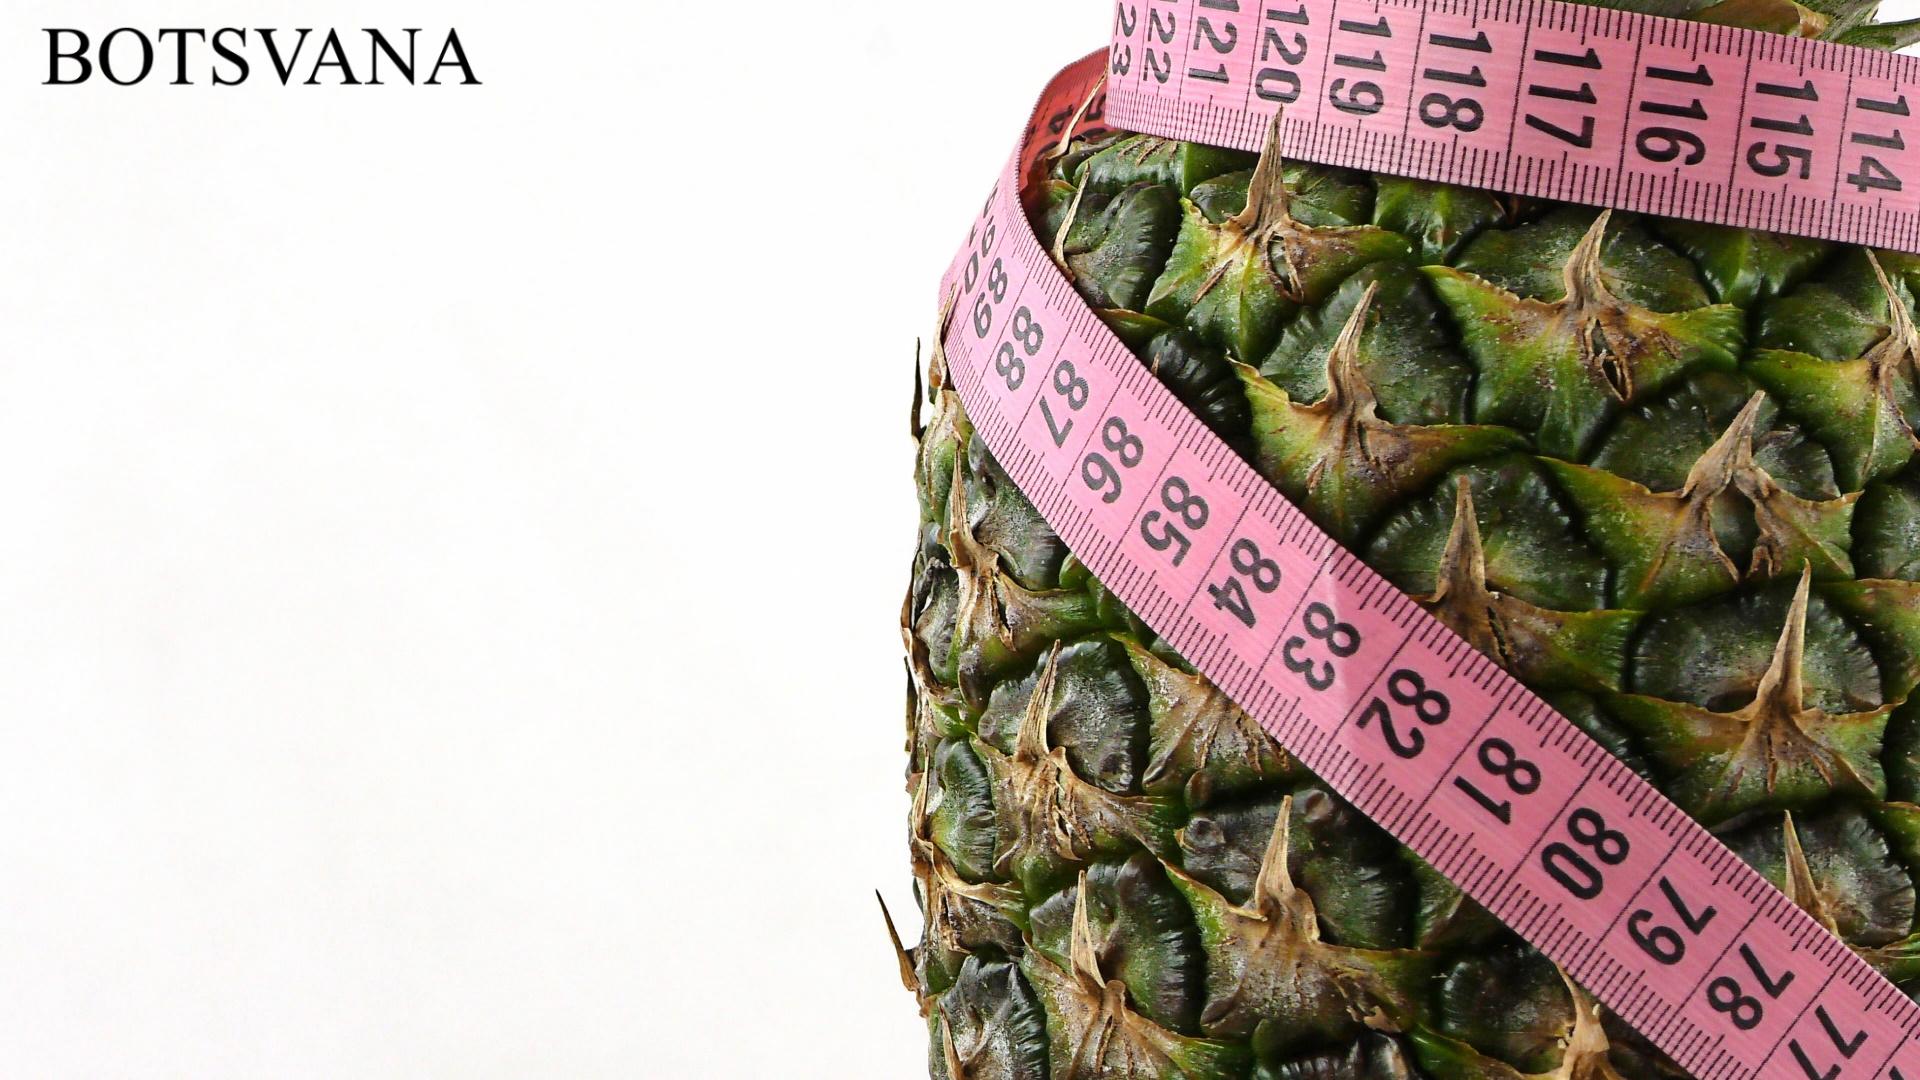 zayıflama diyet - Zayıflama Nasıl Hızlandırılır?